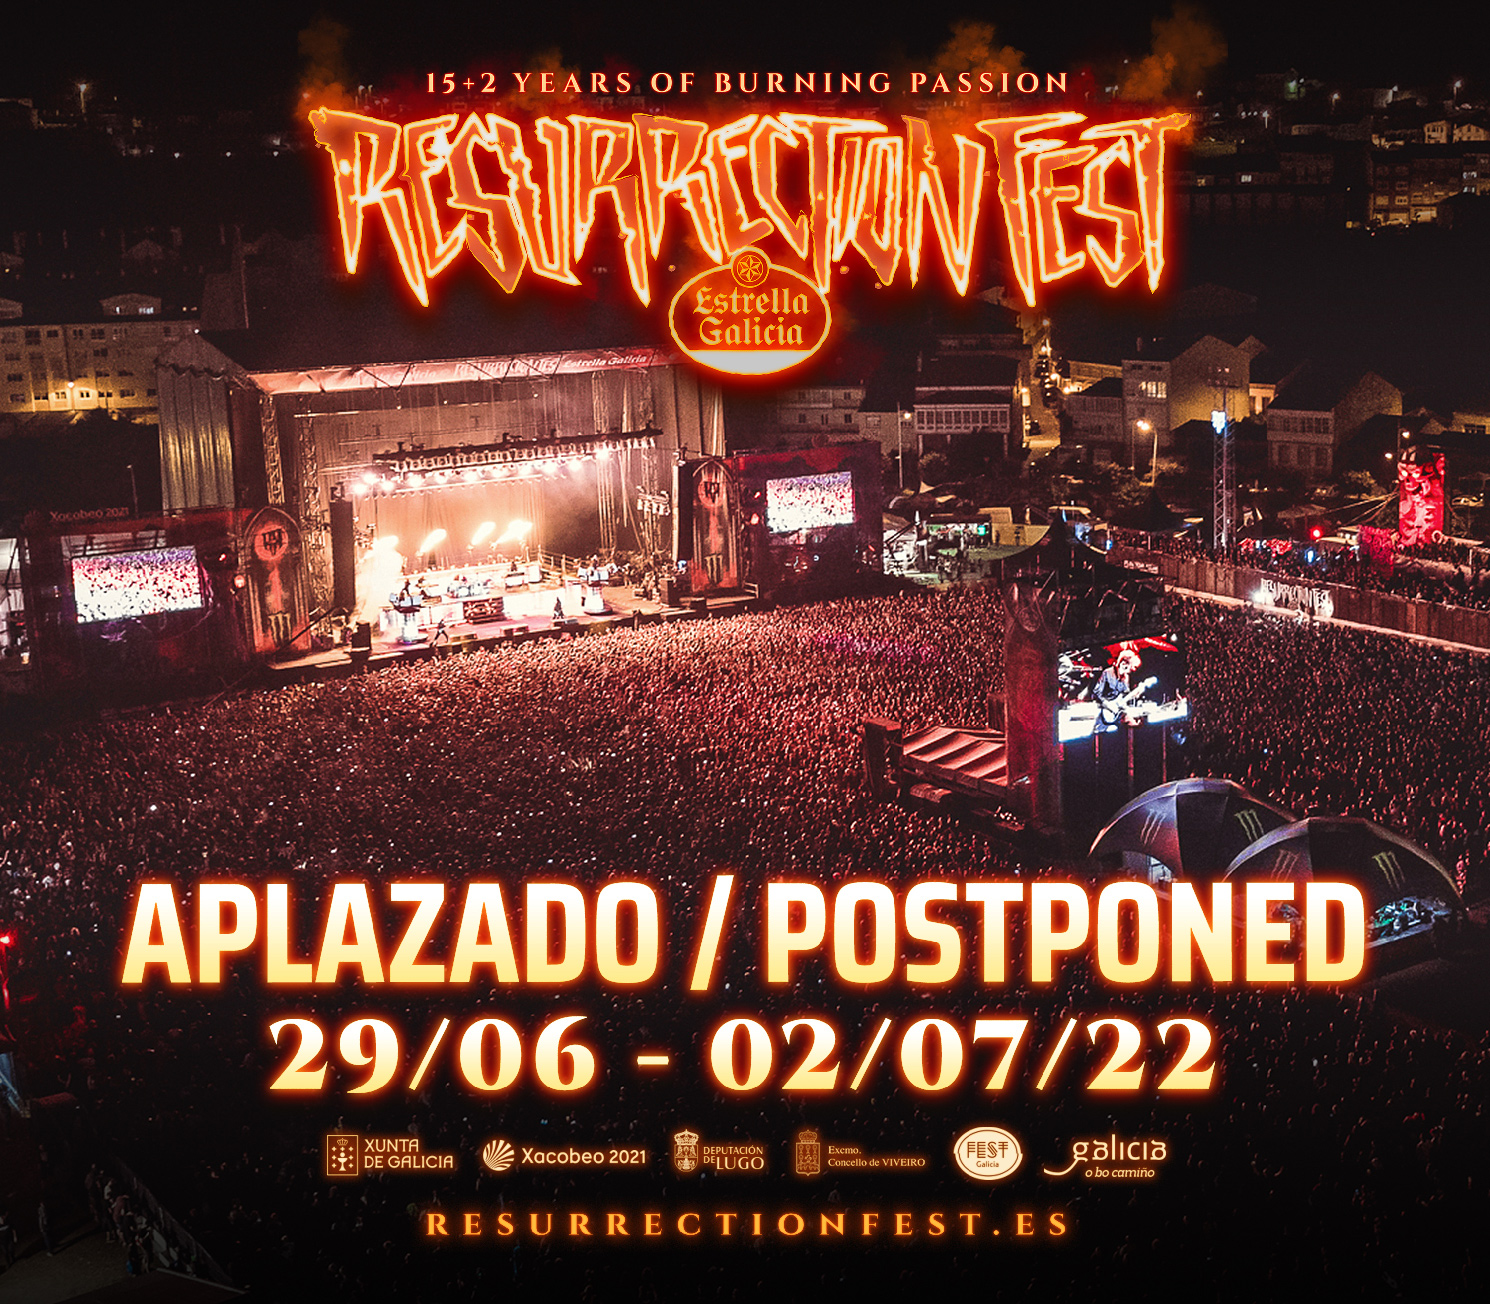 Aplazamiento Resurrection Fest 2021